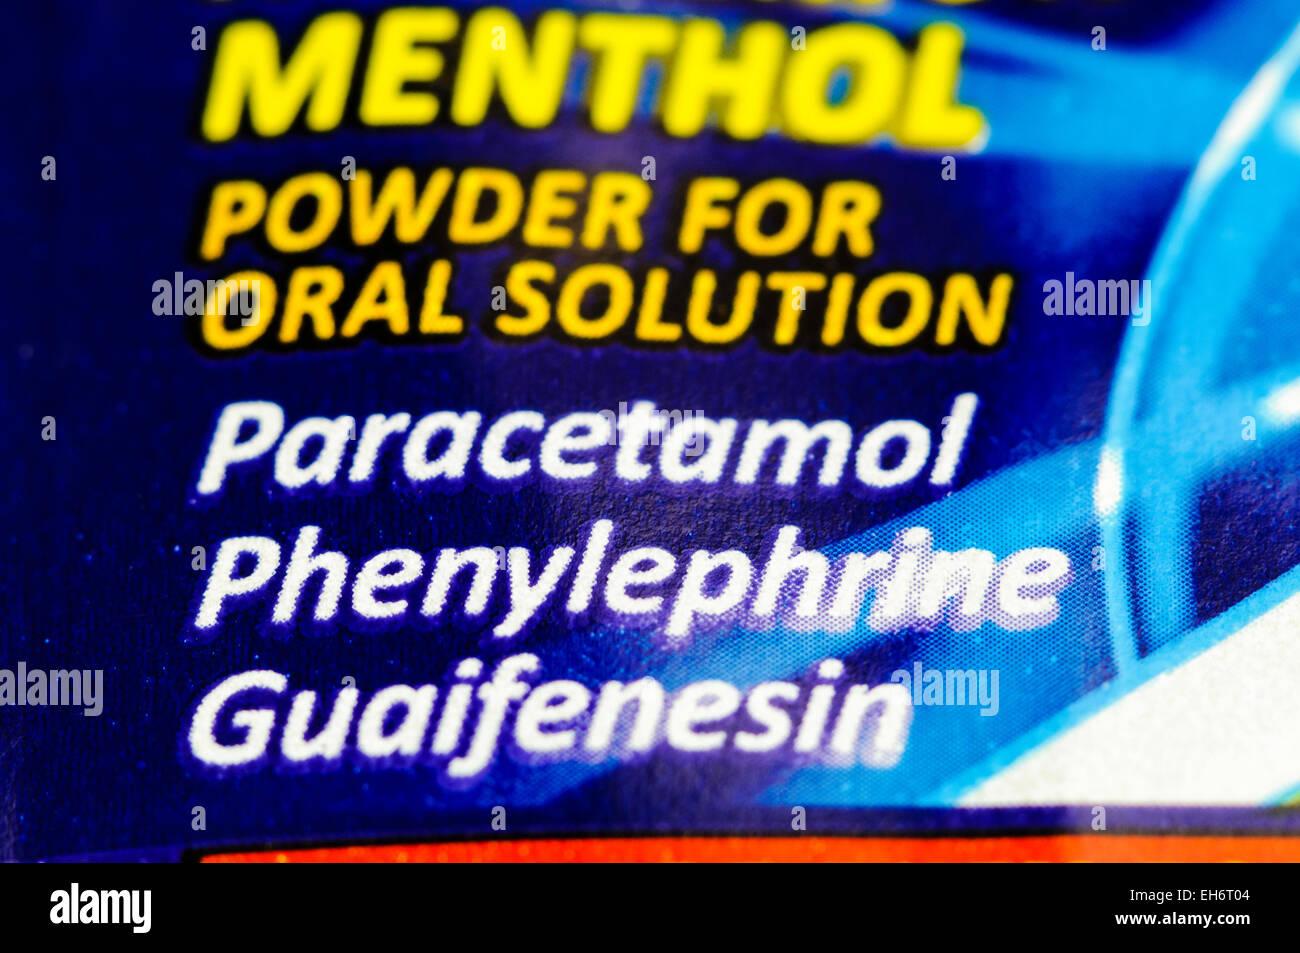 Beechams 'ultra' polveri per raffreddore e influenza rilievo, contenente paracetamolo, fenilefrina e la Immagini Stock